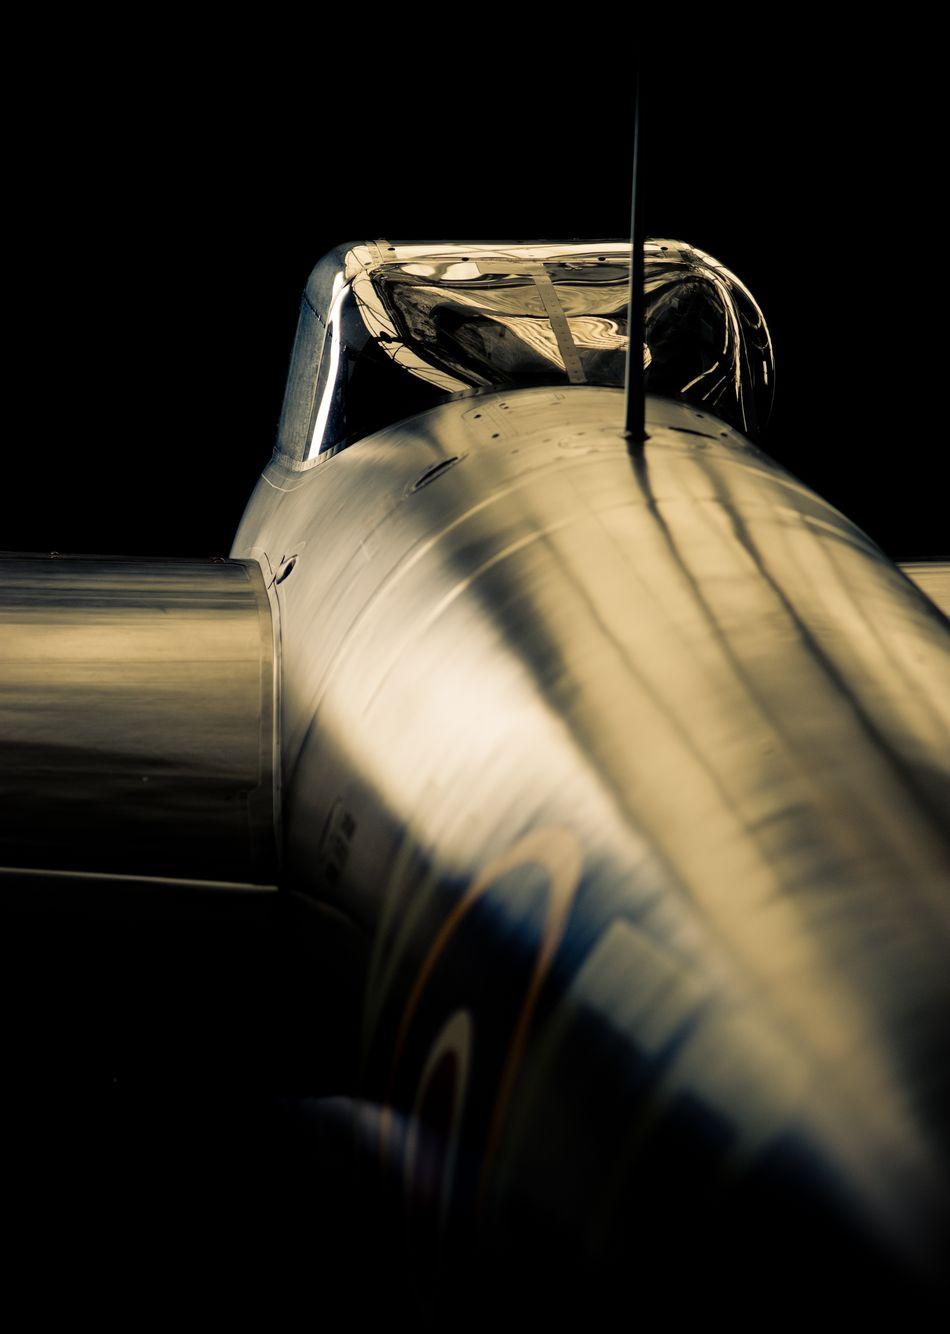 De Havilland Mosquito Warbird Warbird Restoration Hangar Mosquito World War 2 British Aircraft Plane Cockpit Fuselage